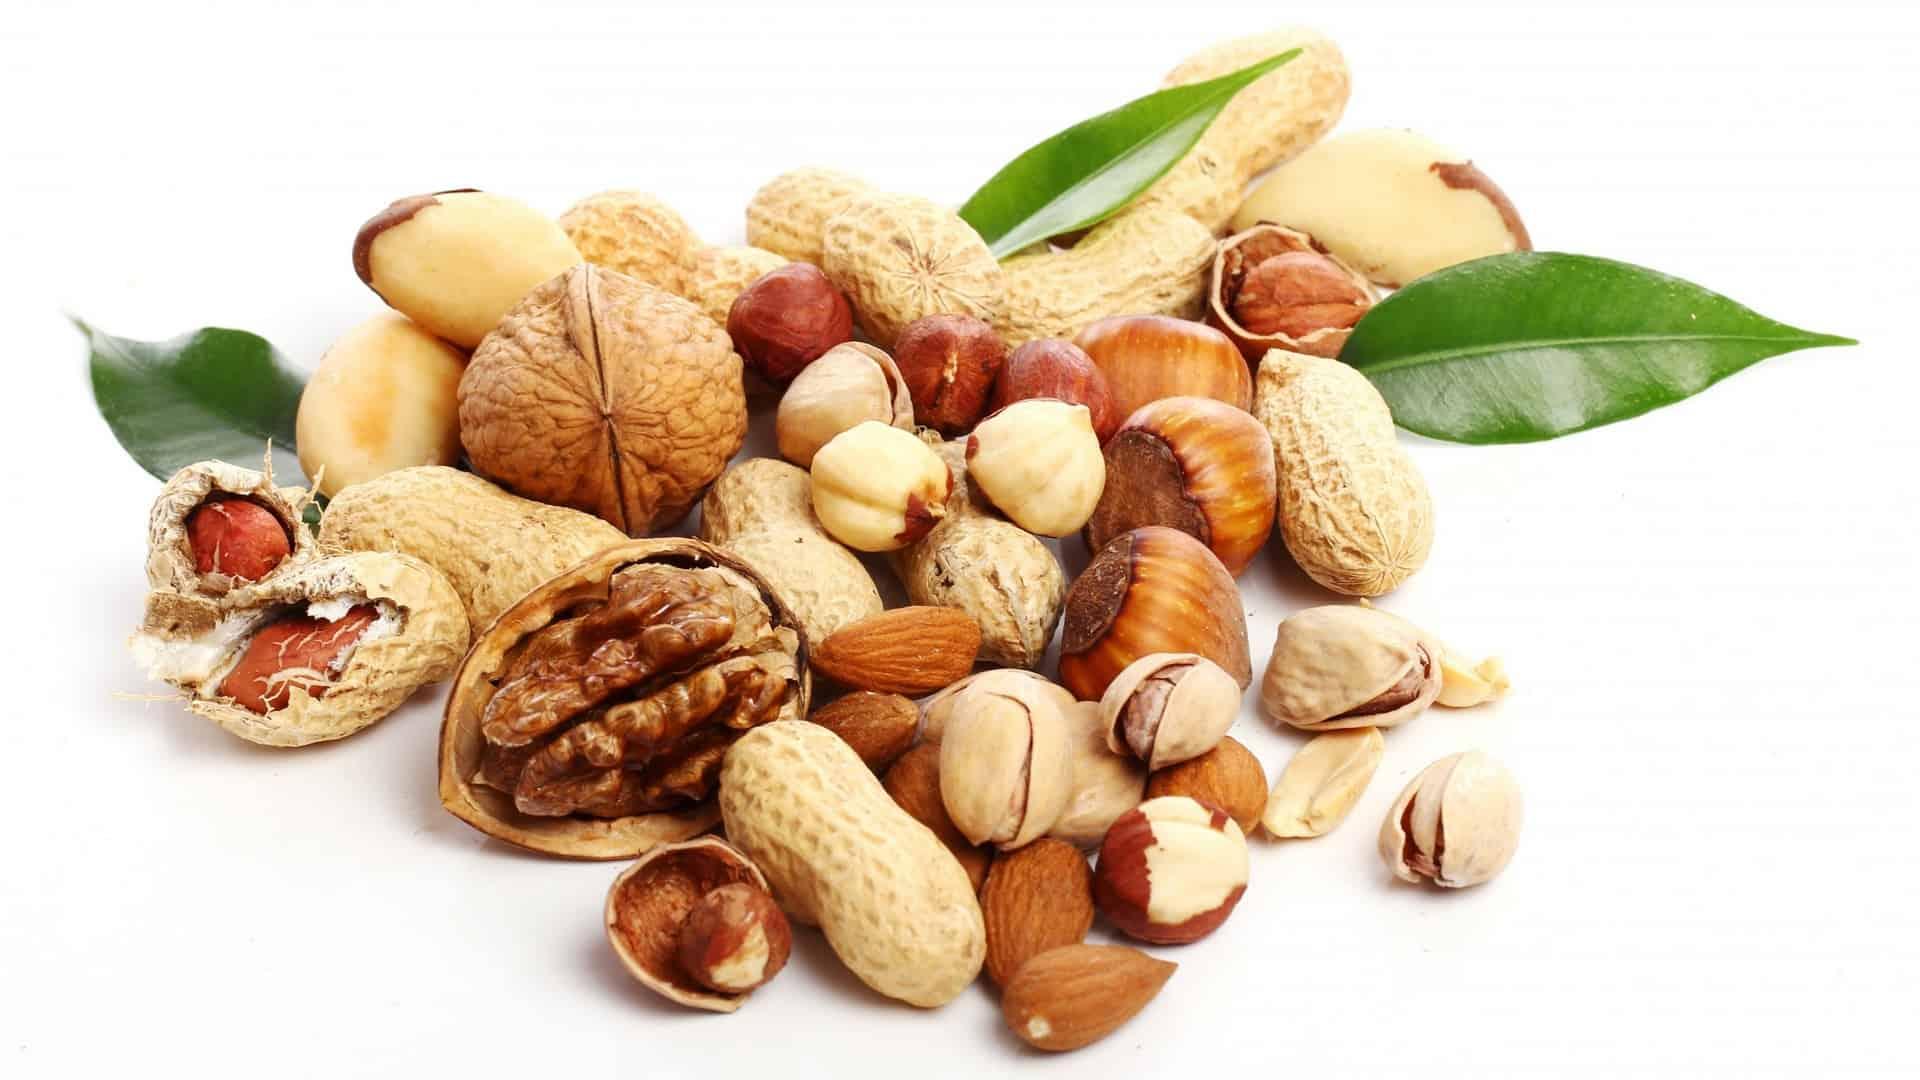 walnuts_hazelnuts_almonds_pistachios